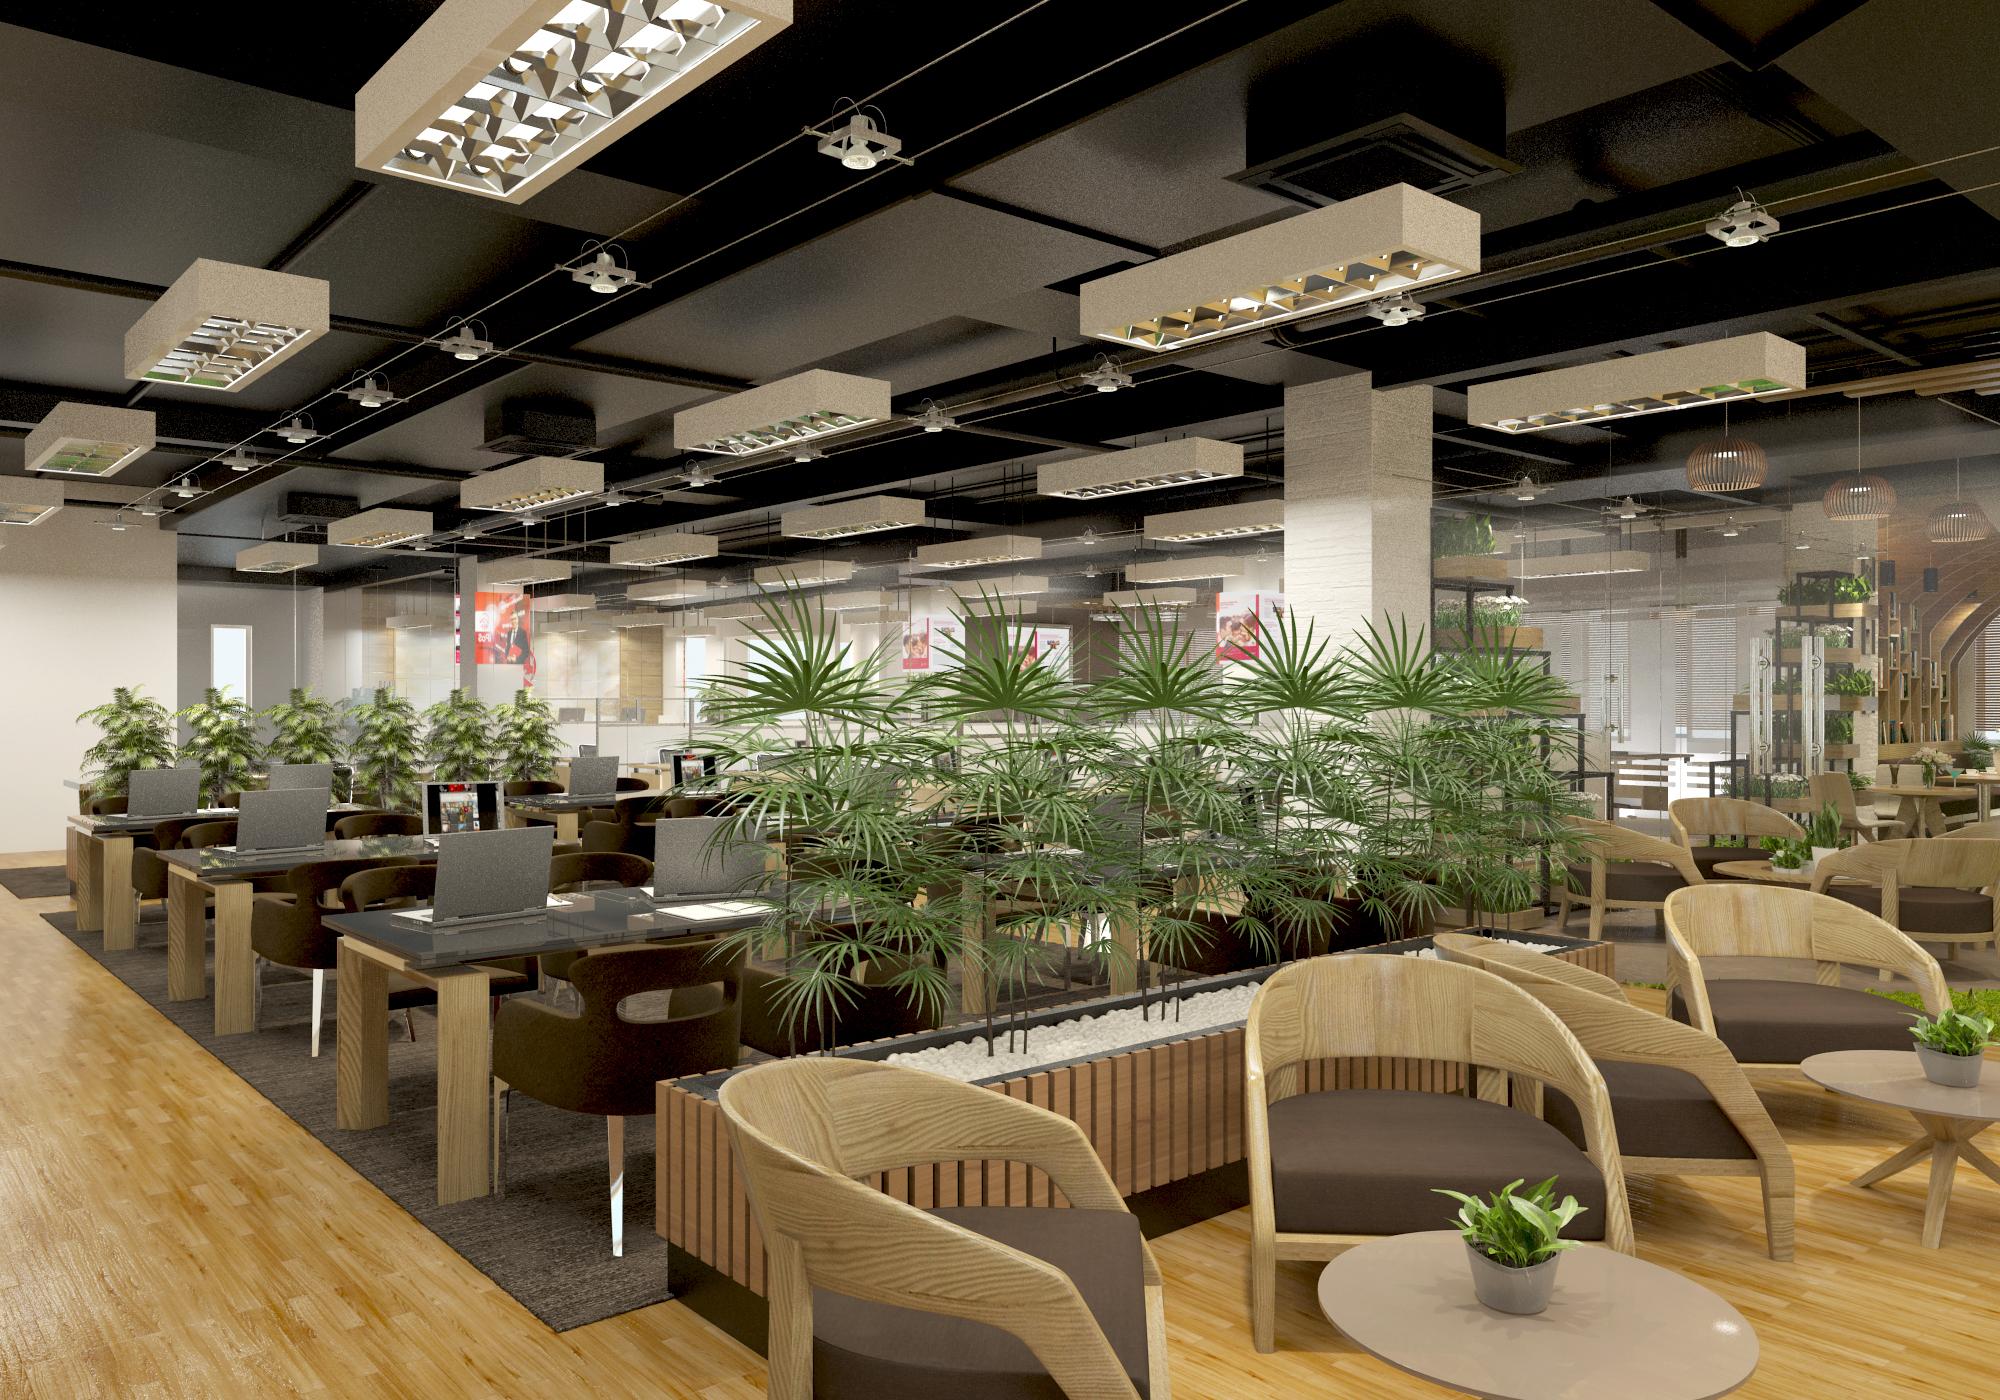 thiết kế nội thất Văn Phòng tại Hà Tĩnh Văn phòng AIA - Hà Tĩnh 4 1568277189